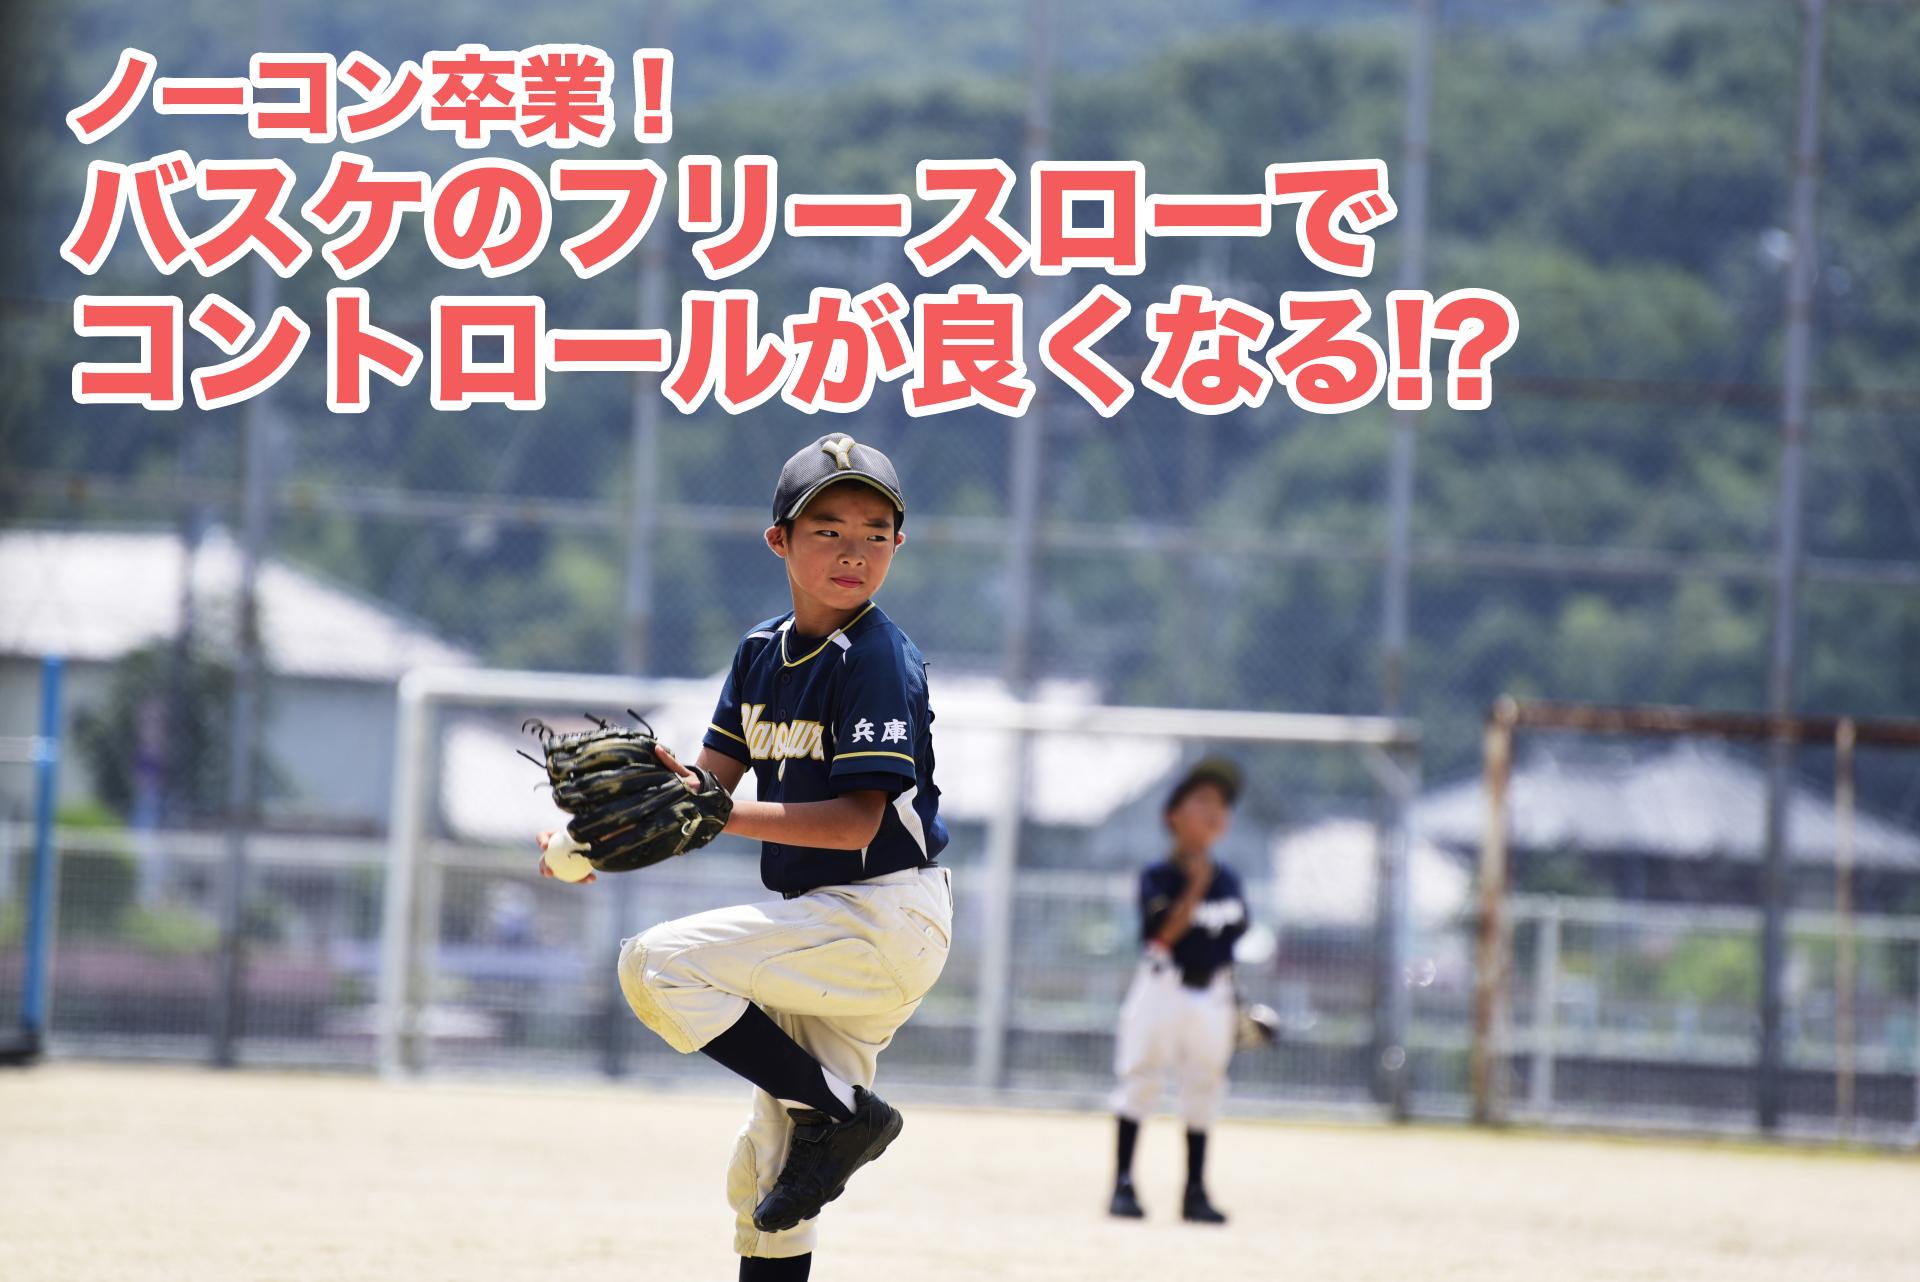 【ノーコン卒業】コントロールを良くするにはバスケのフリースローを練習せよ!